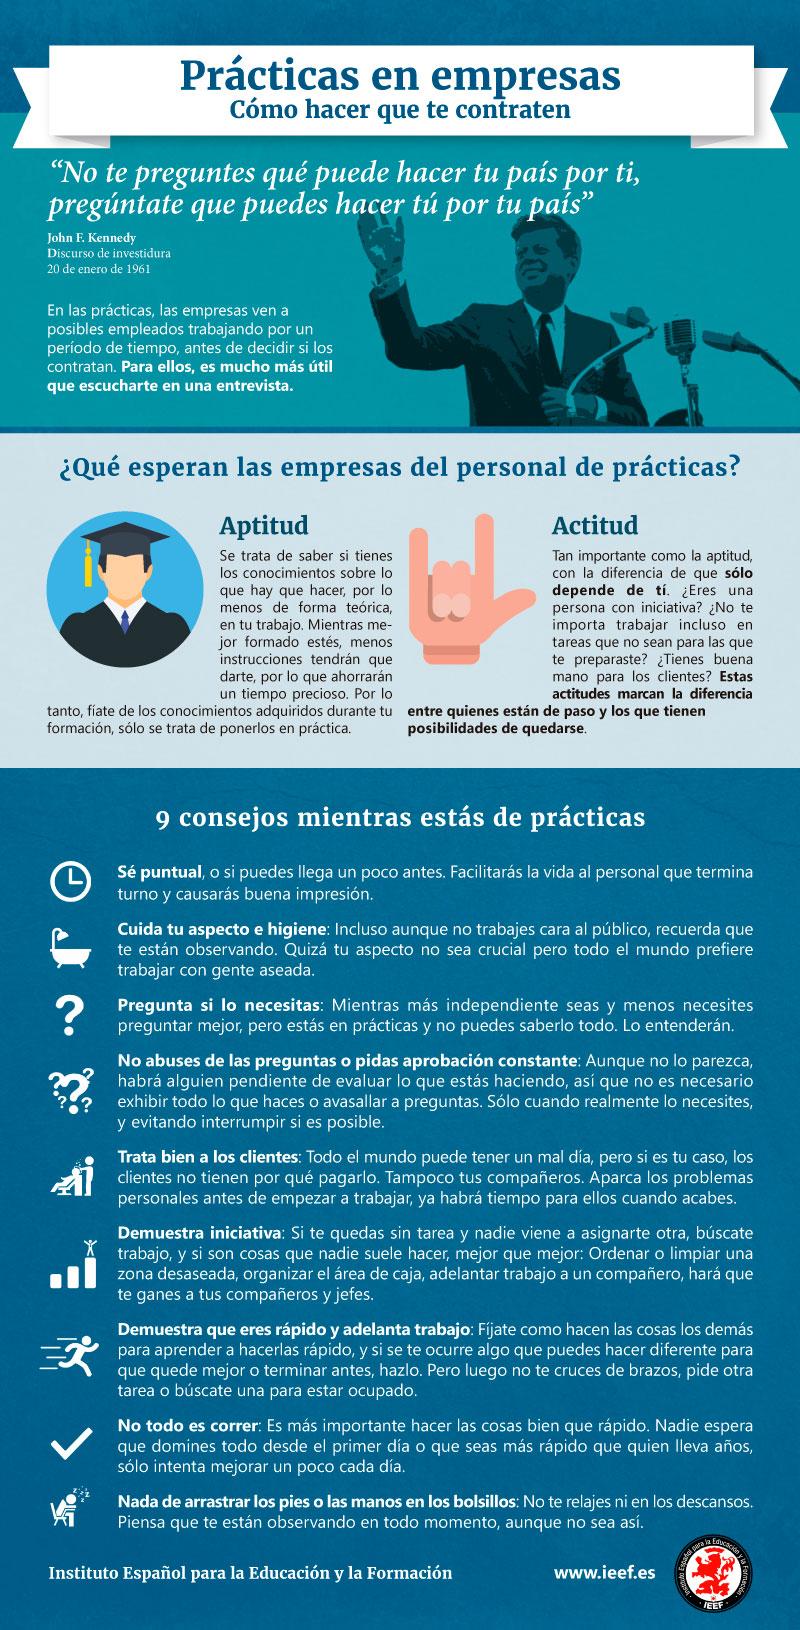 Prácticas en empresas: Infografía de IEEF